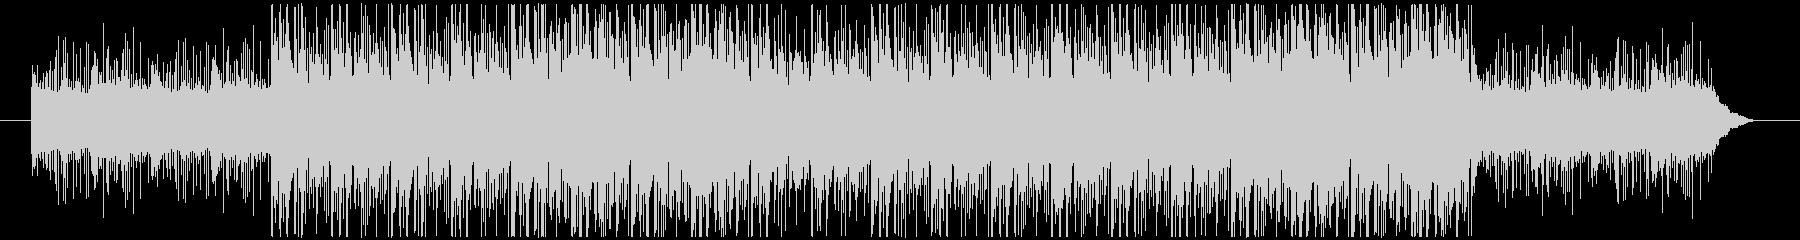 パーカッションによるダークなBGMの未再生の波形